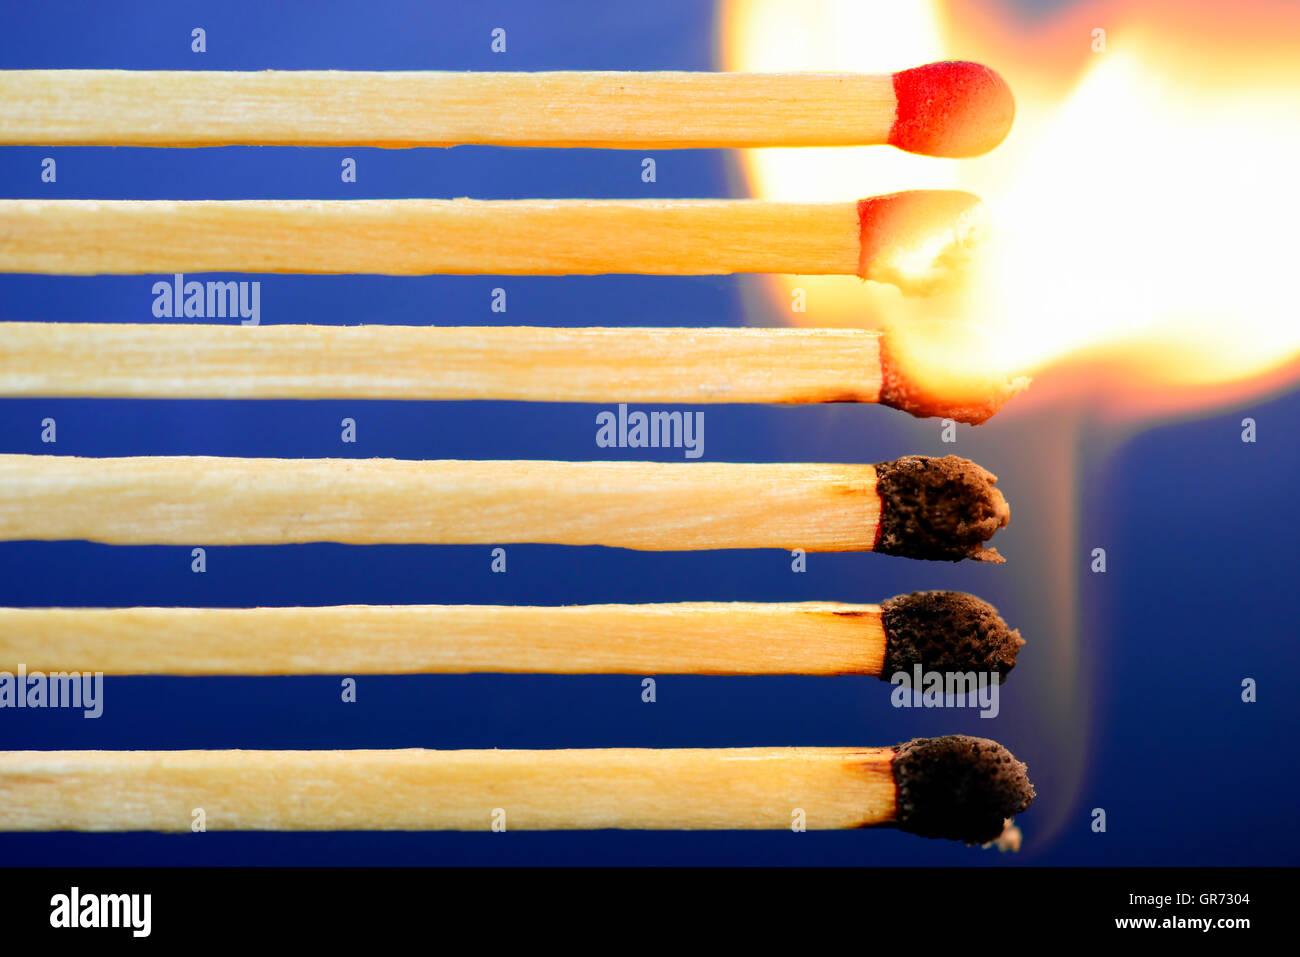 La masterizzazione di fiammiferi, Effetto domino Immagini Stock